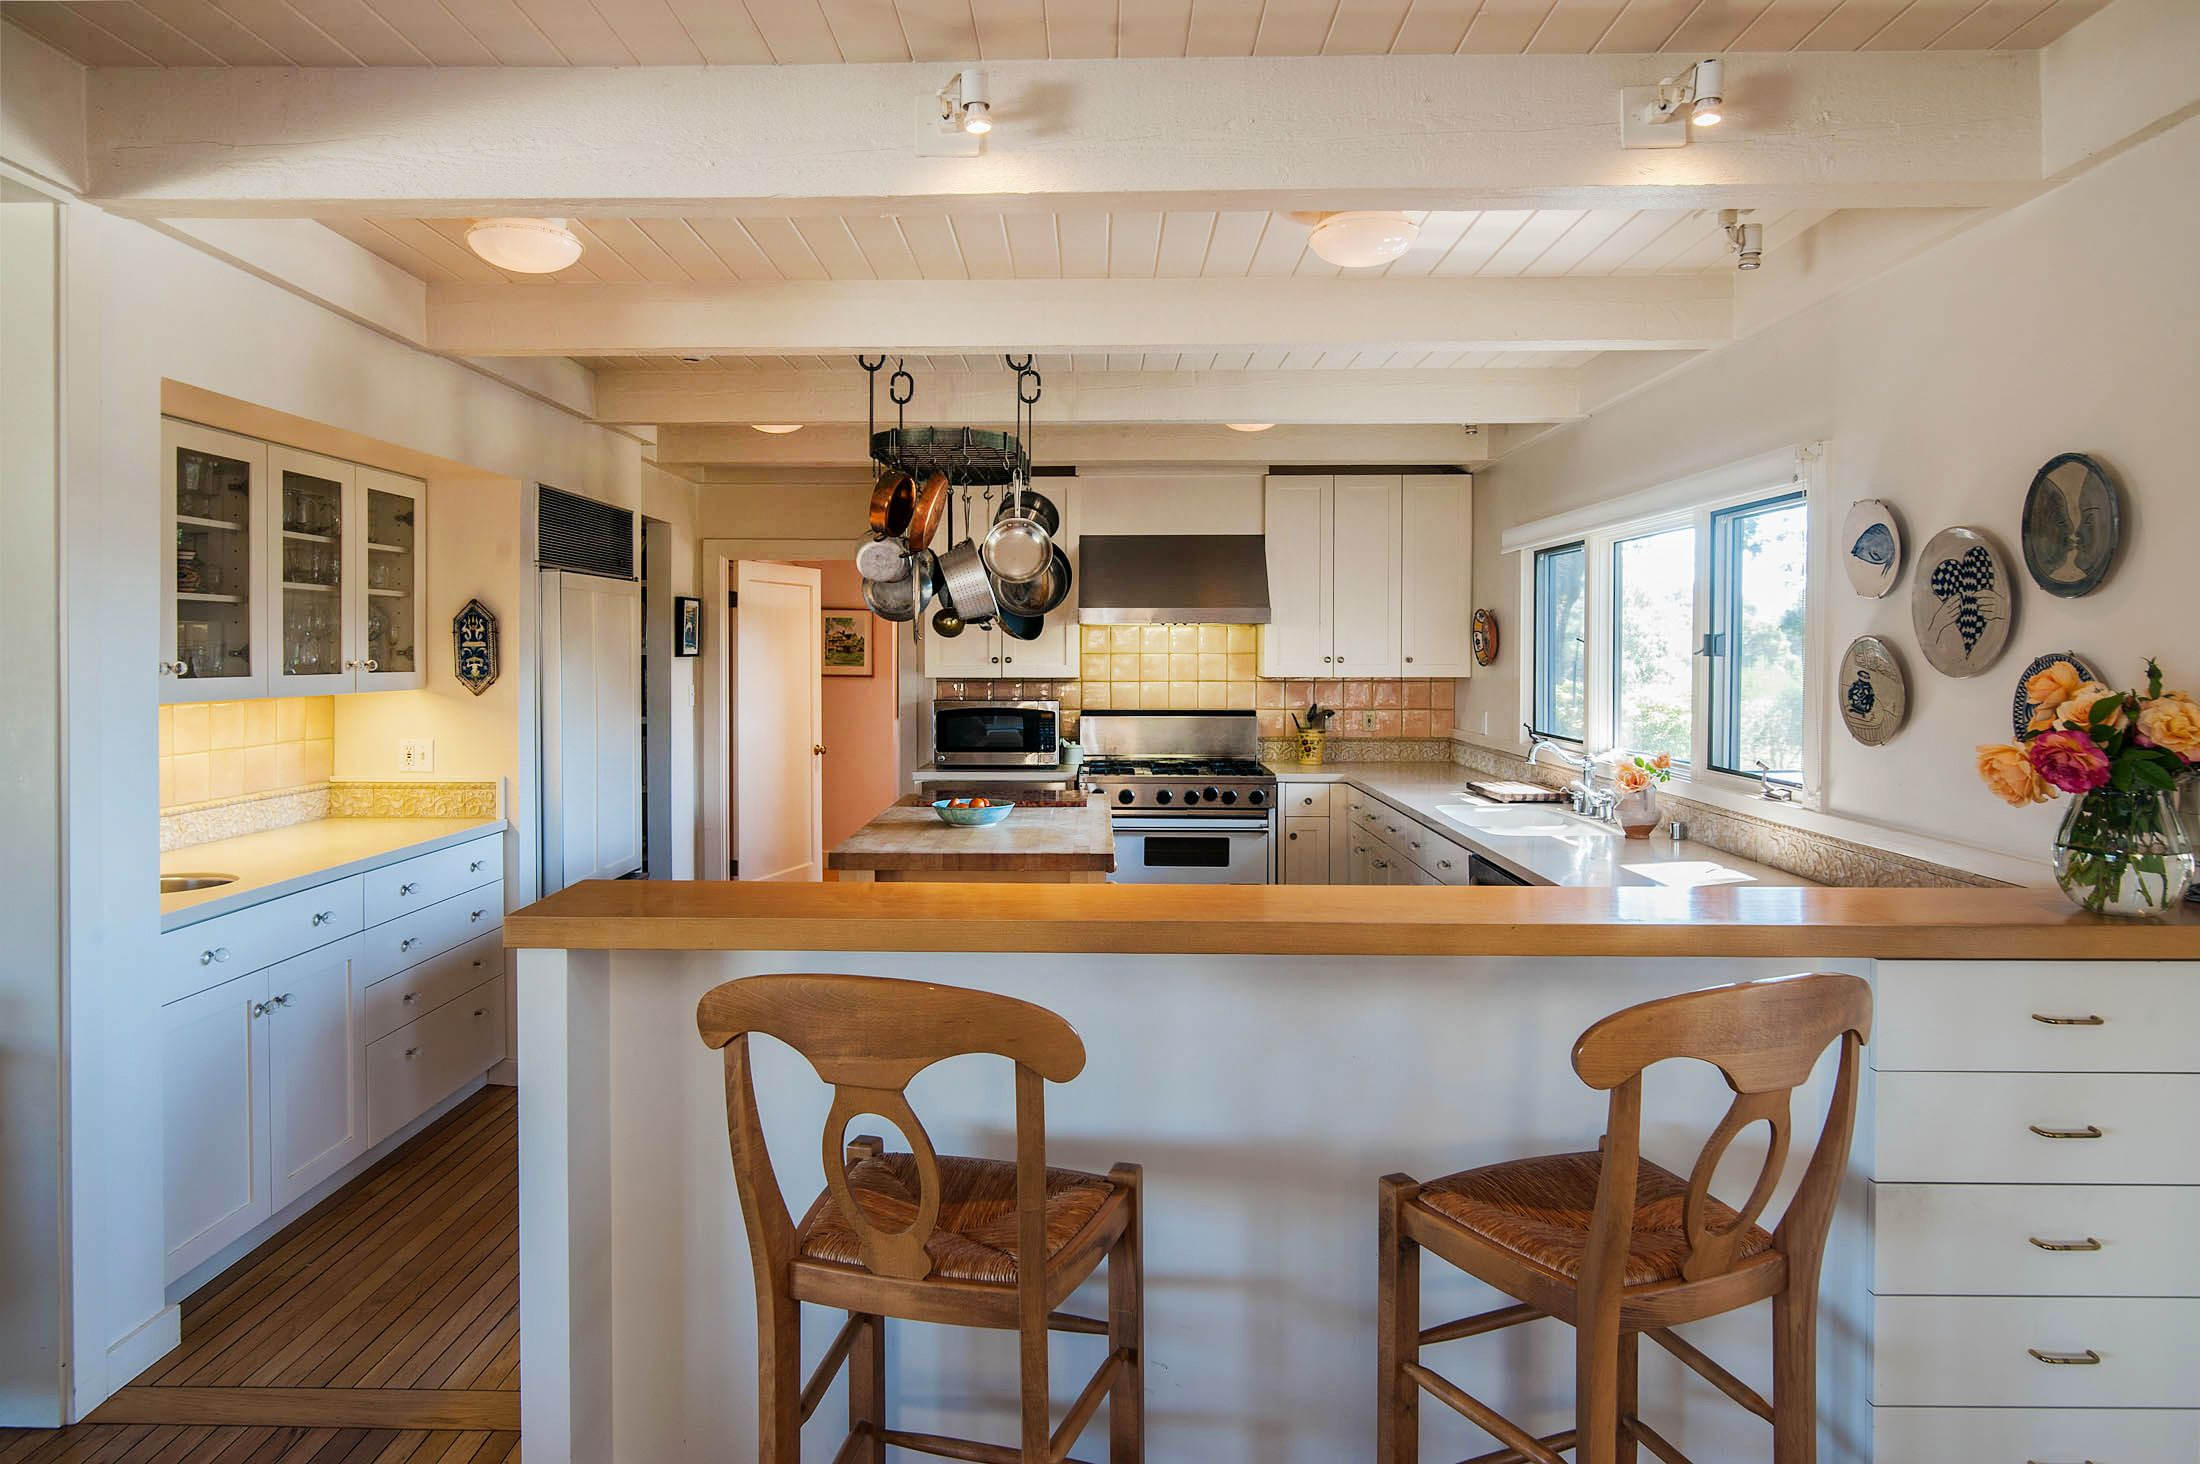 Kitchen with breakfast bar Home, Breakfast bar kitchen